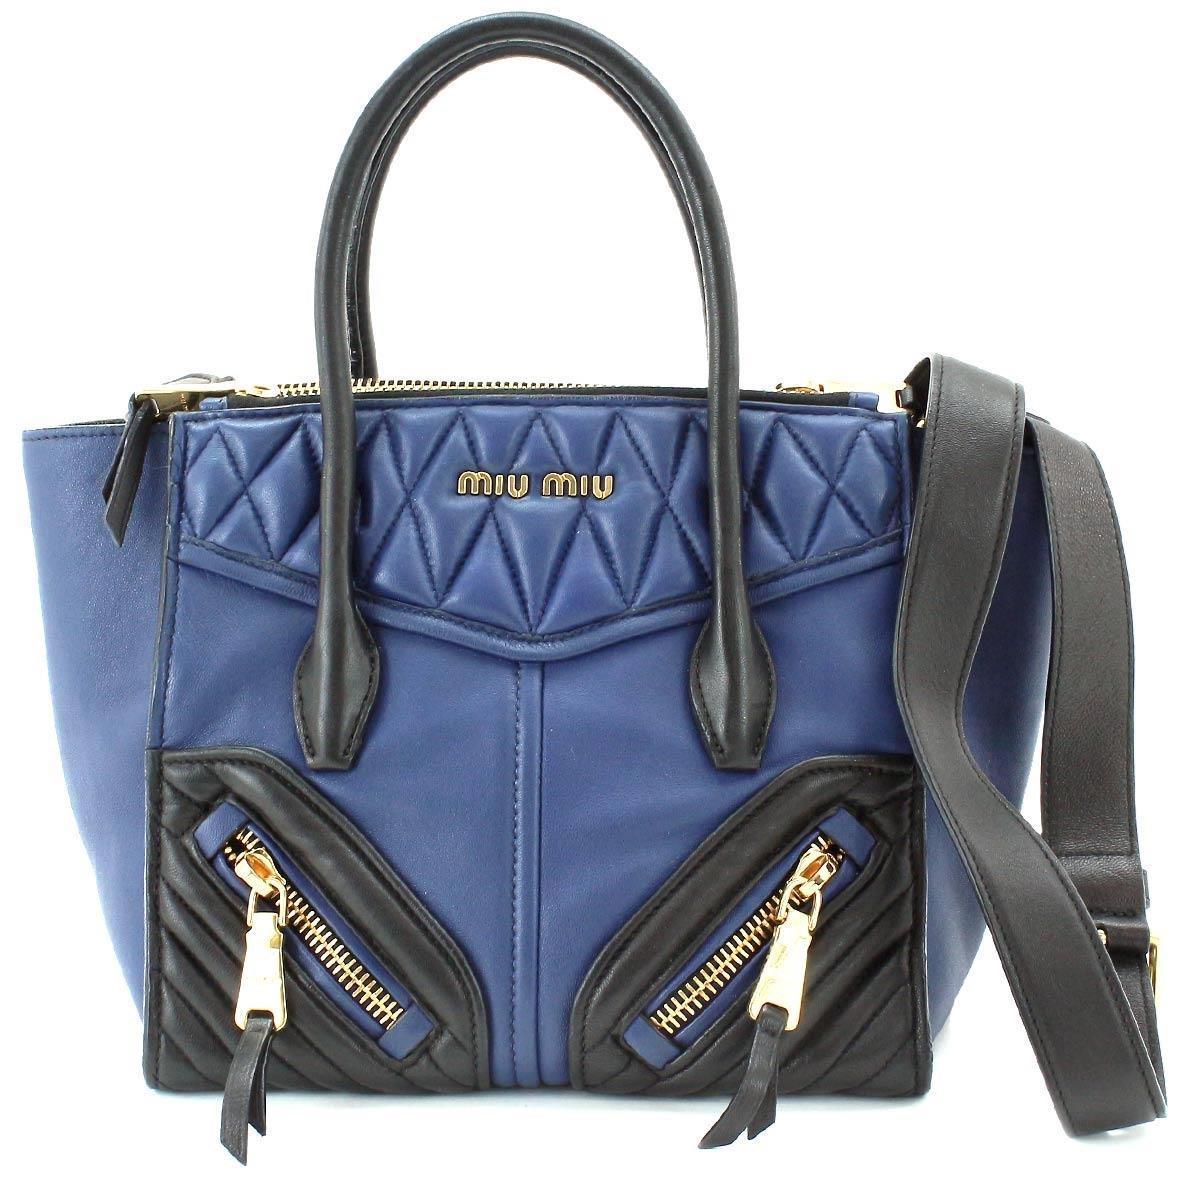 1643bf18a848 Lyst - Miu Miu Miumiu Biker 2way Hand Bag Nappa Leather Blue Black ...